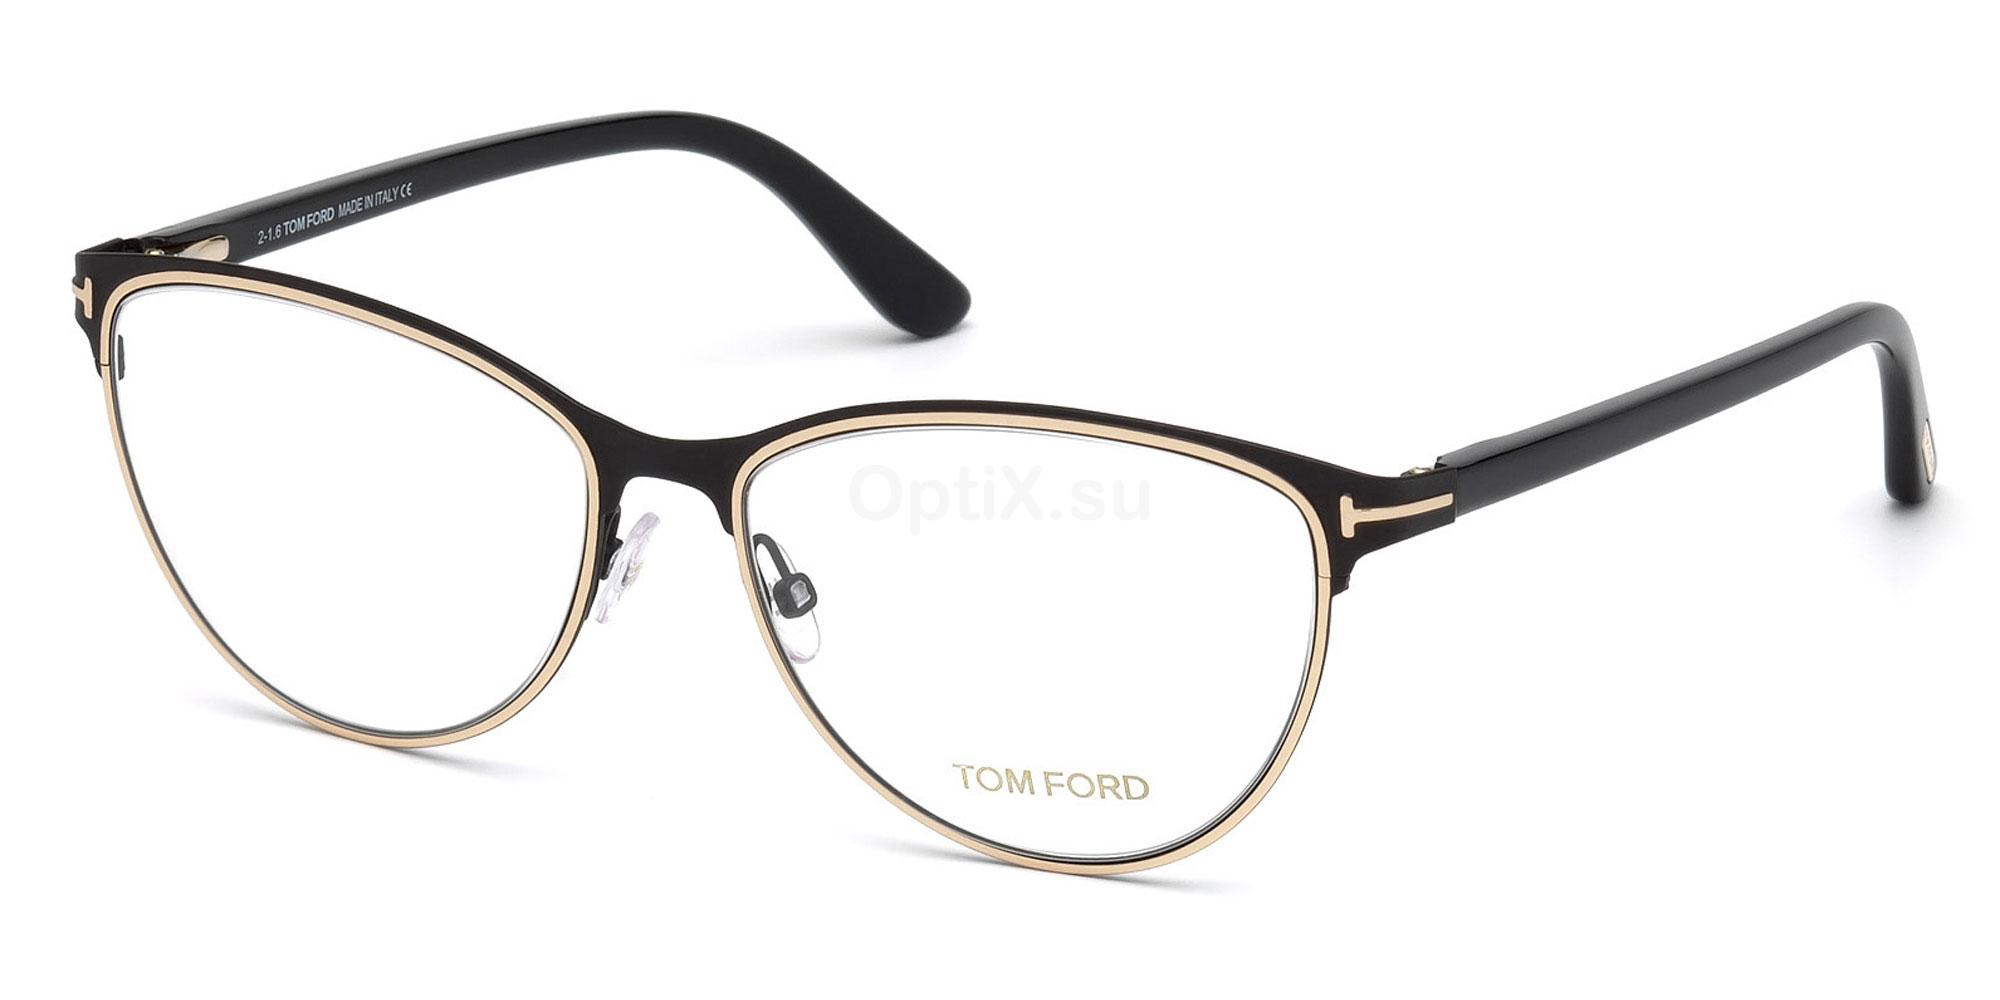 005 FT5420 Glasses, Tom Ford